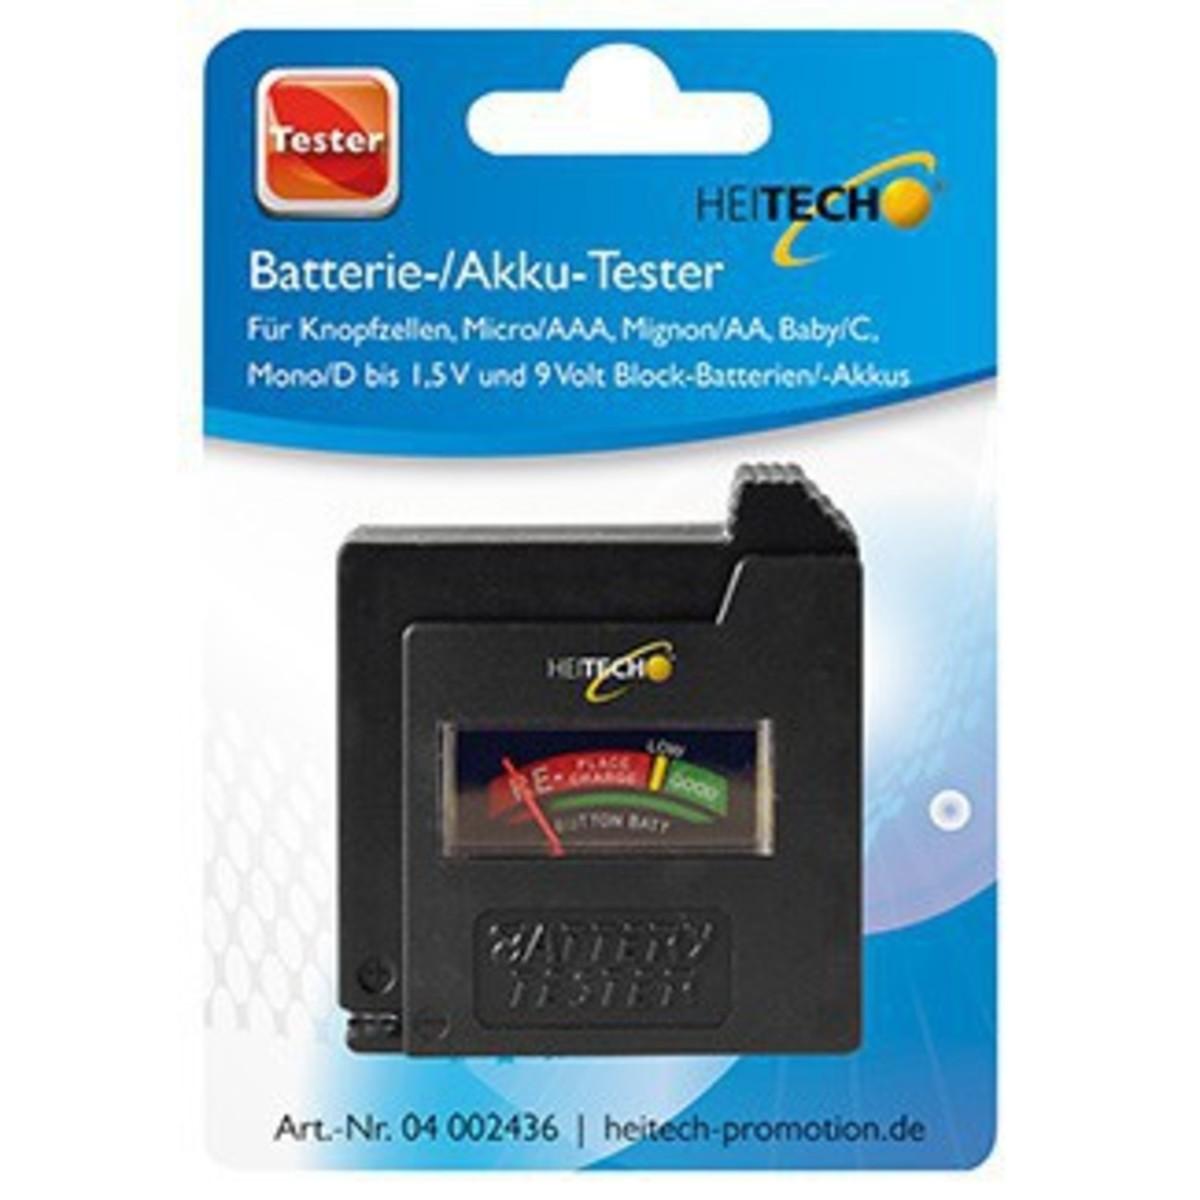 Bild 1 von Heitech Batterie-/ Akku-Tester